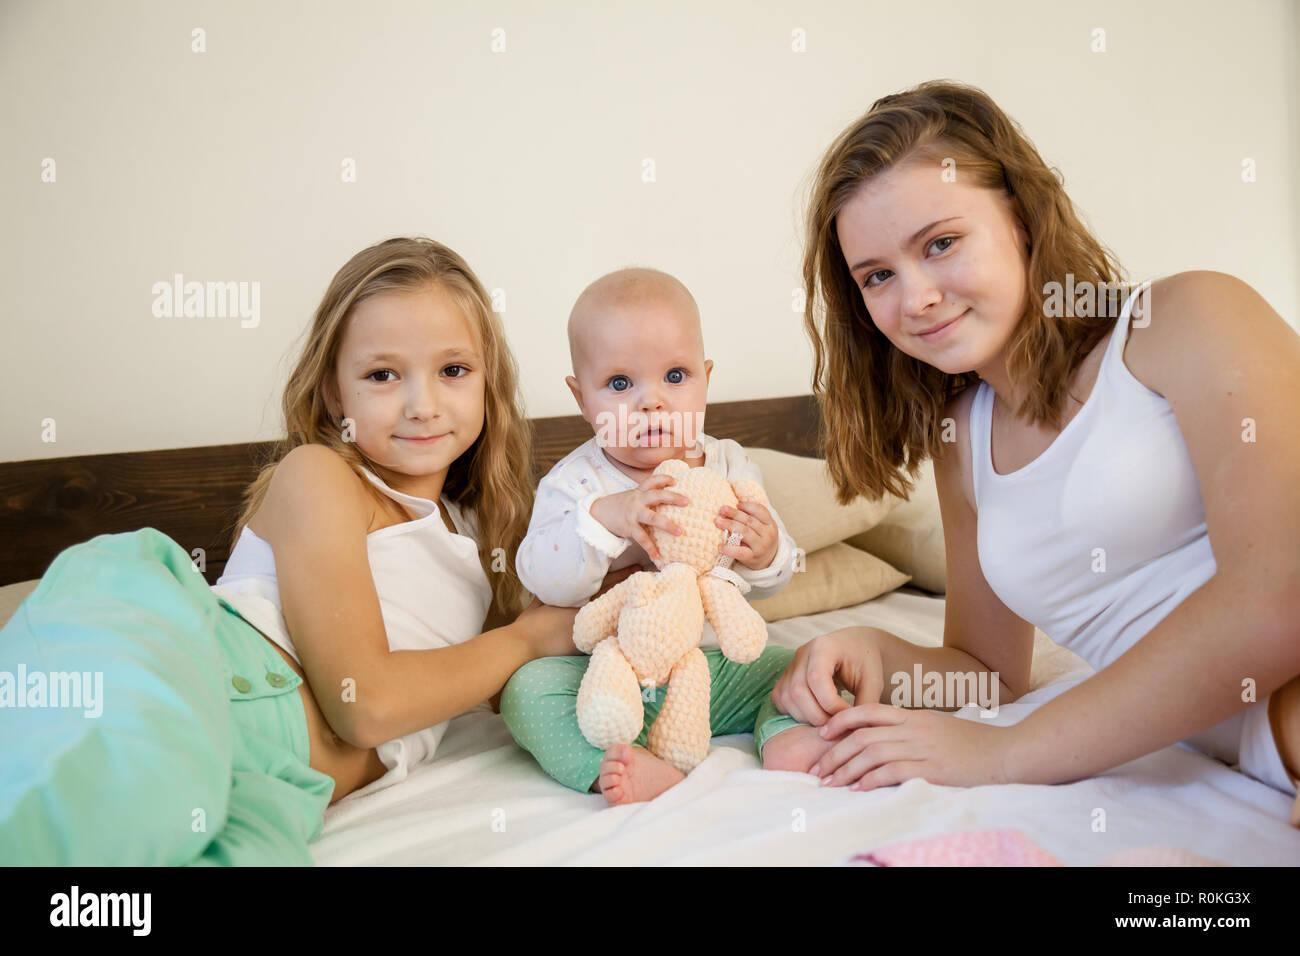 Drei Mädchen Schwestern in den Spielen im Schlafzimmer am Morgen liebe Stockfoto